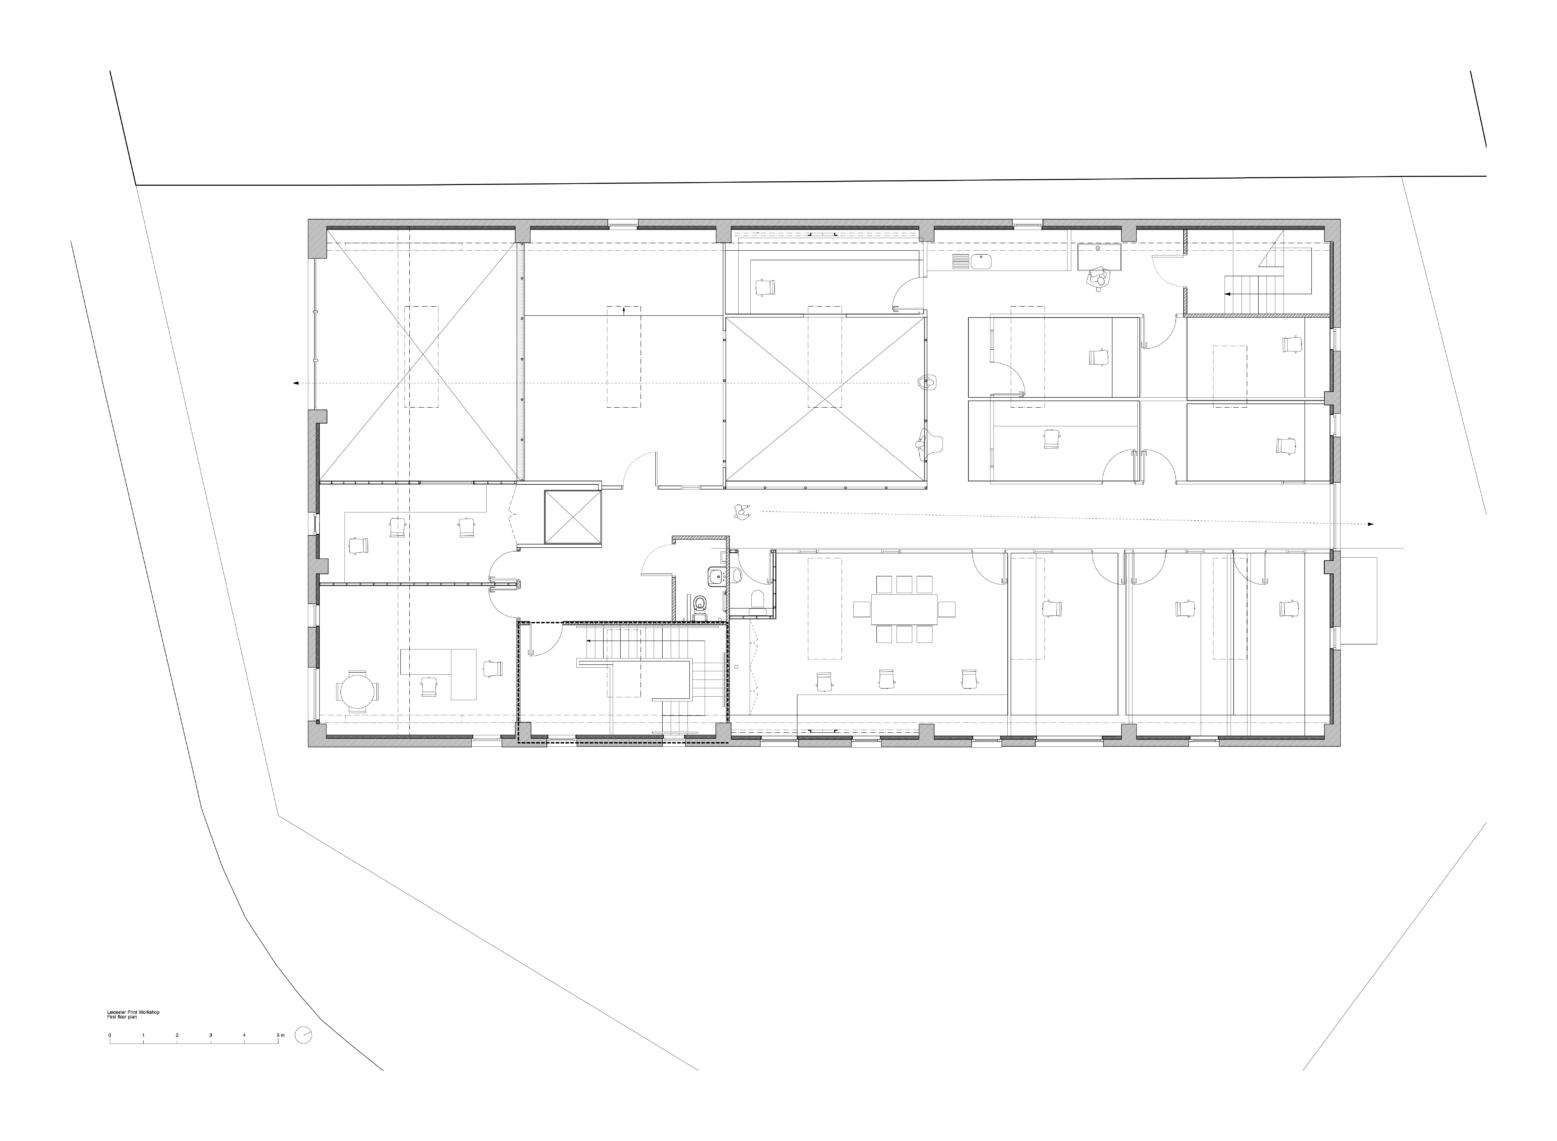 LPW_First floor